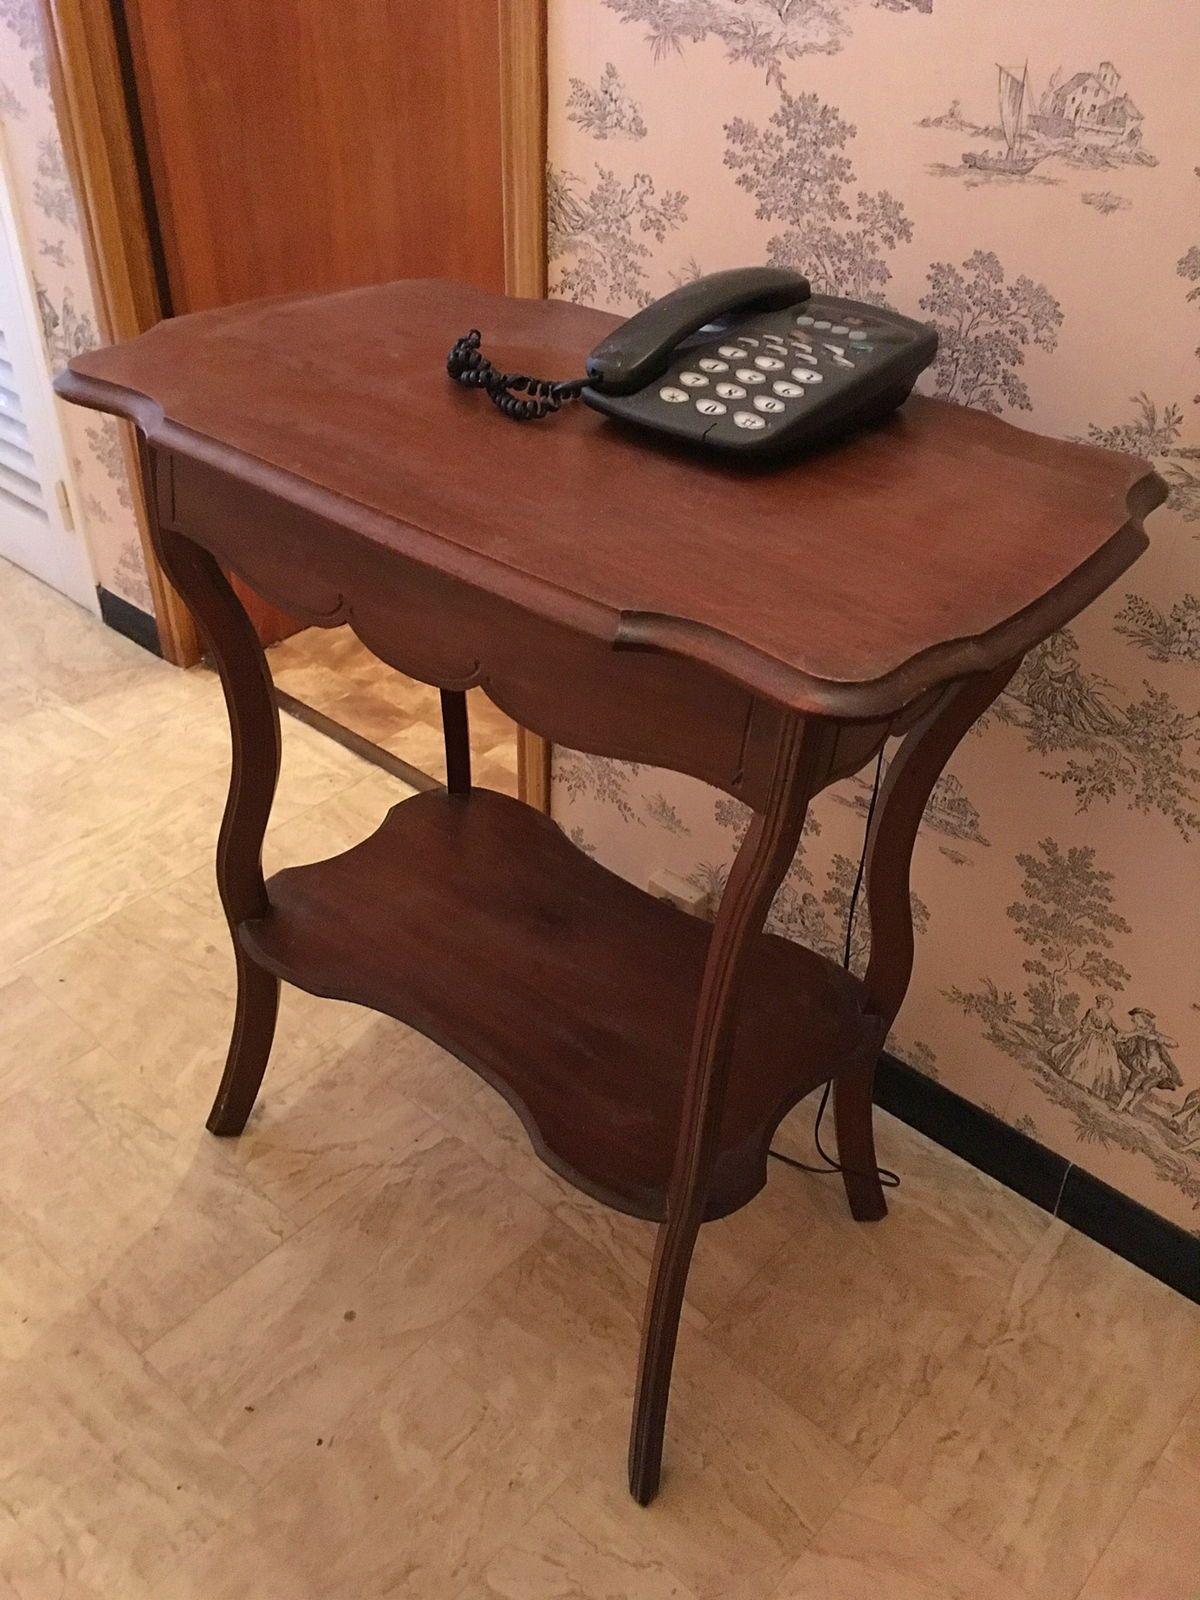 Table d'appoint pour téléphone, ou autre